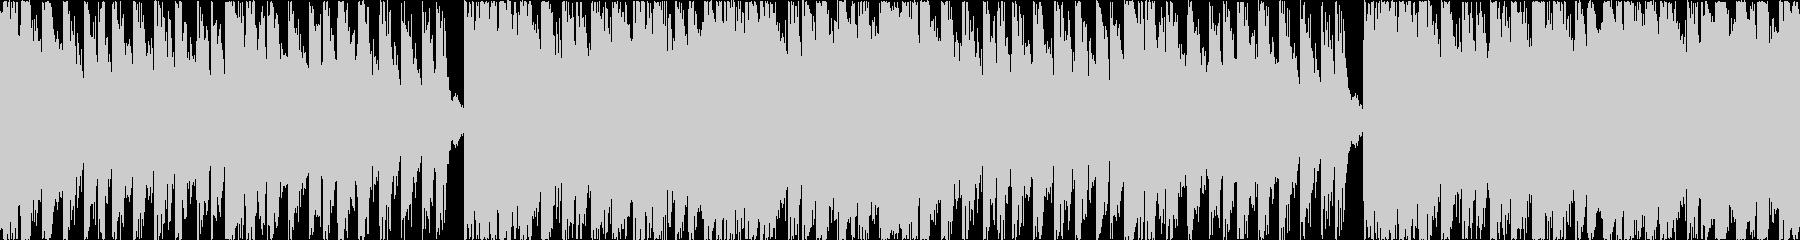 ゼルダ風戦闘曲の未再生の波形